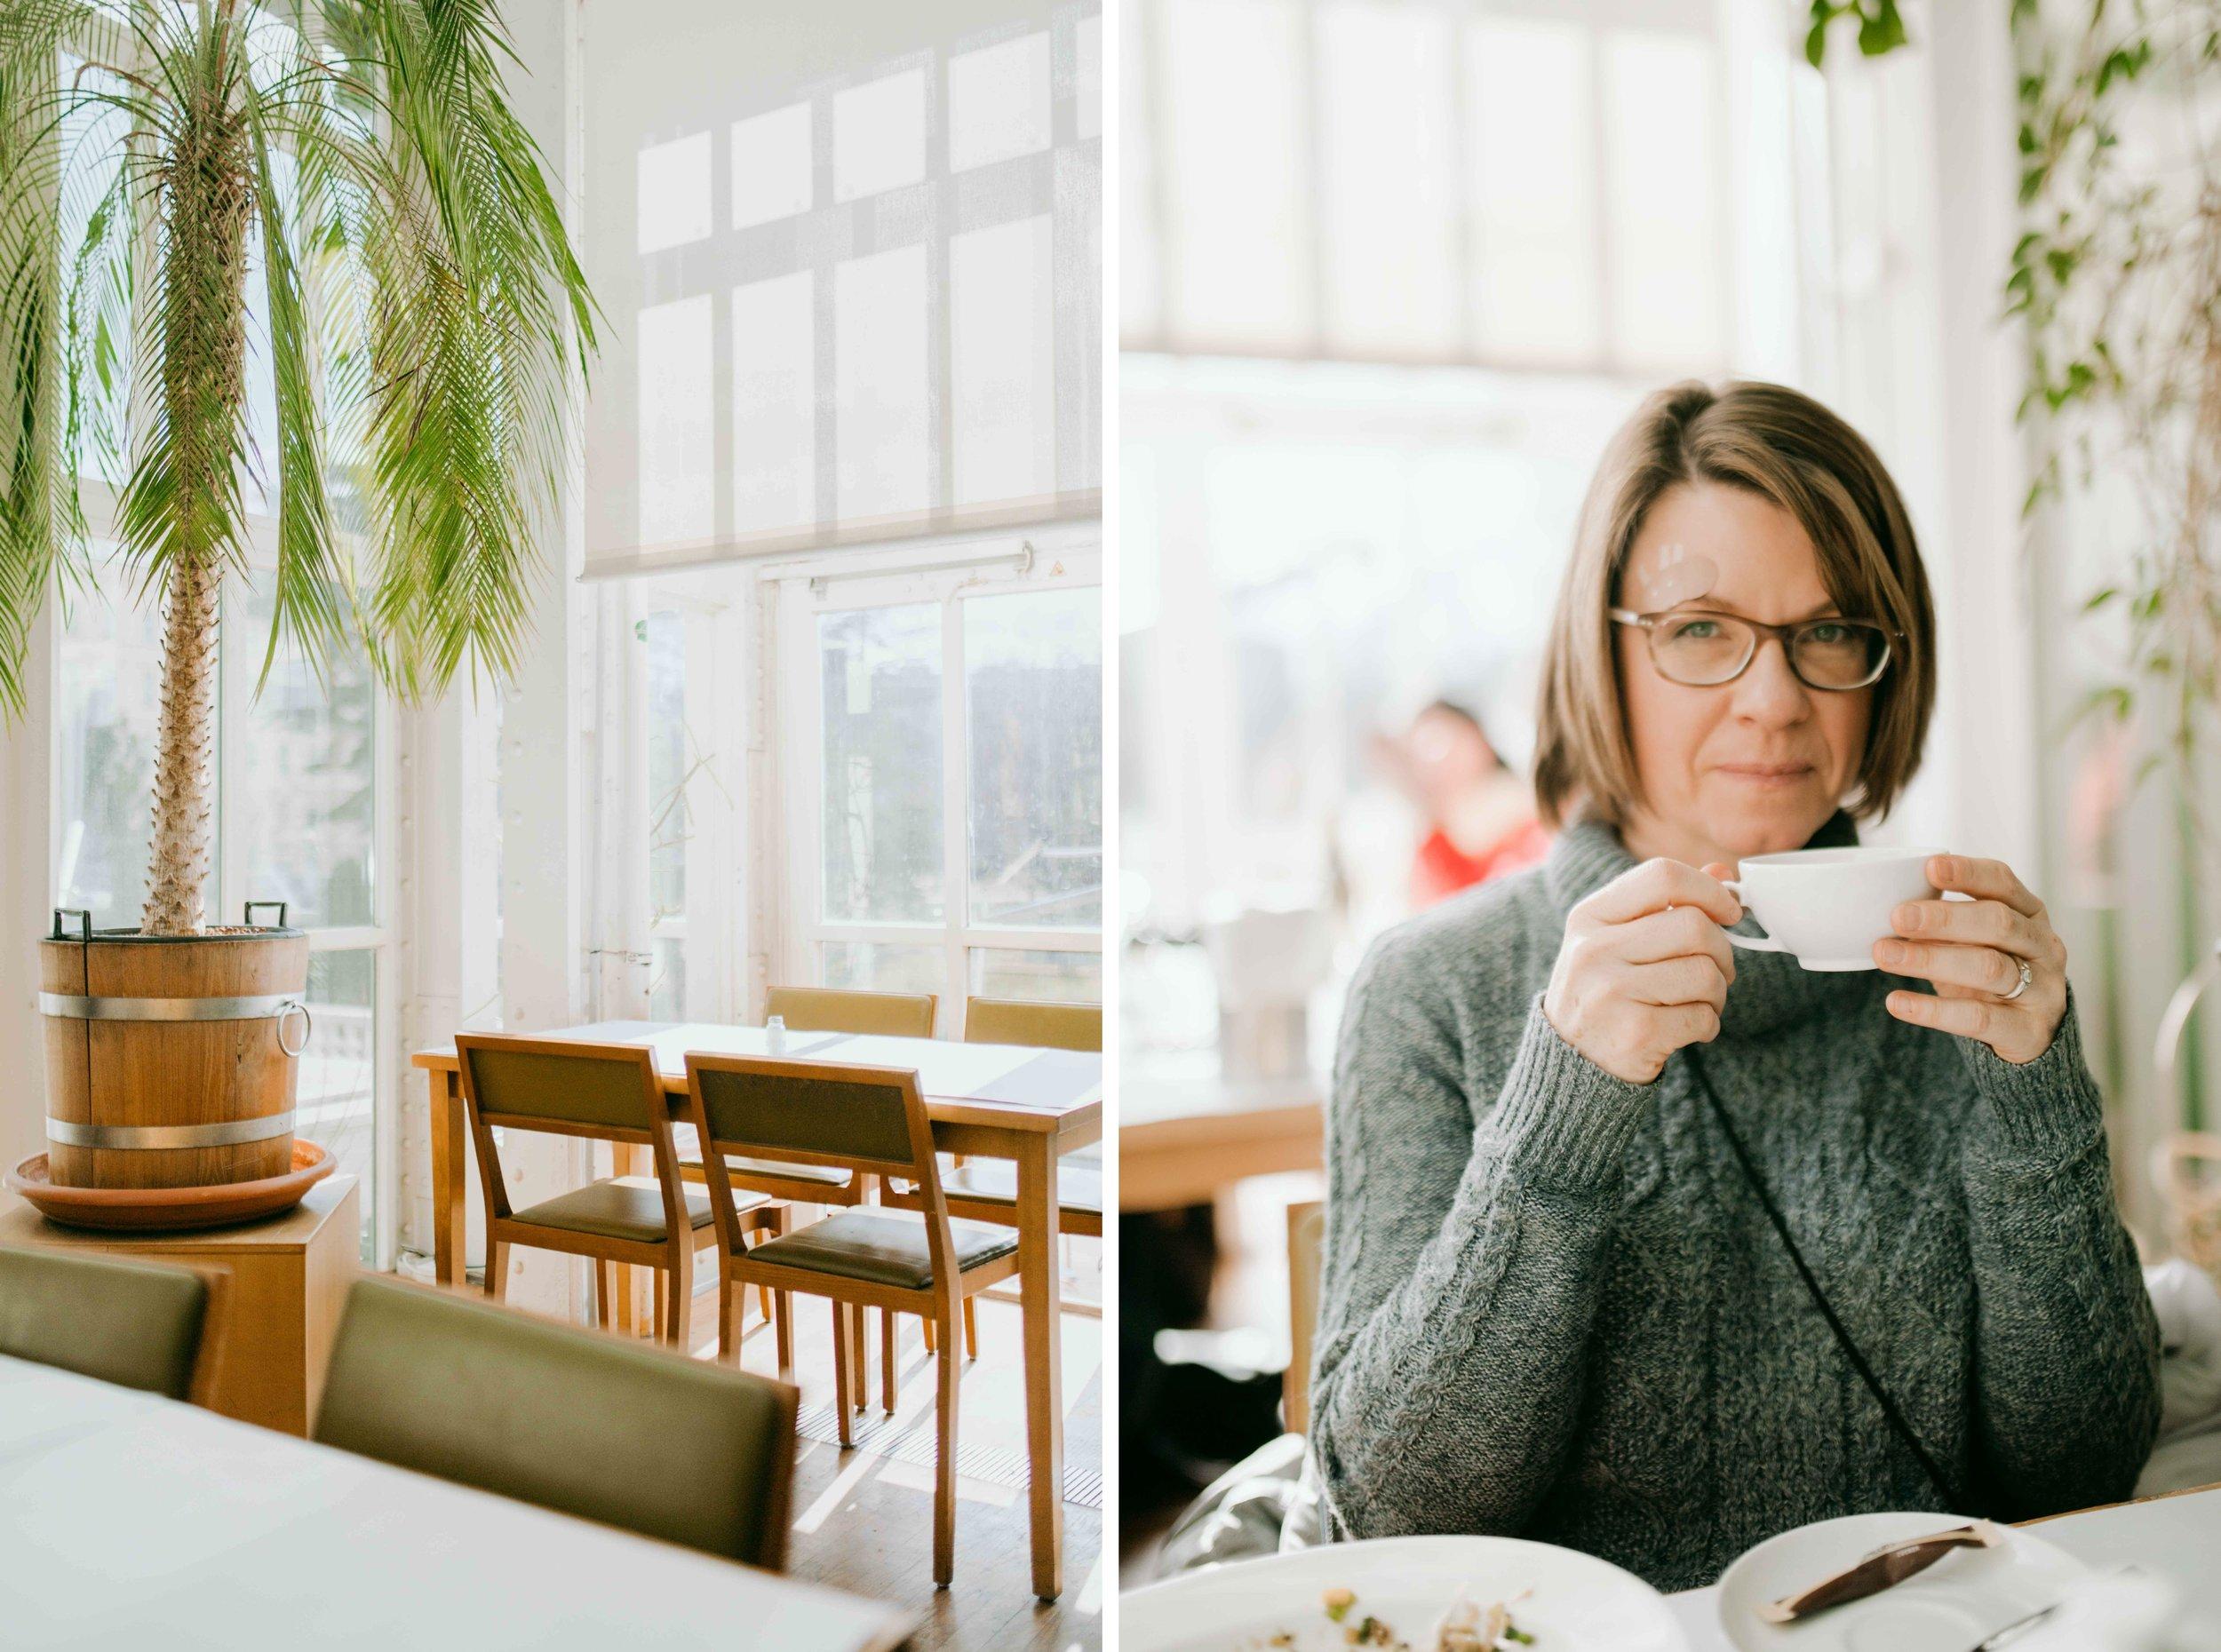 Vienna 2018 Ellen Hansen Photographer Diptych1.jpg